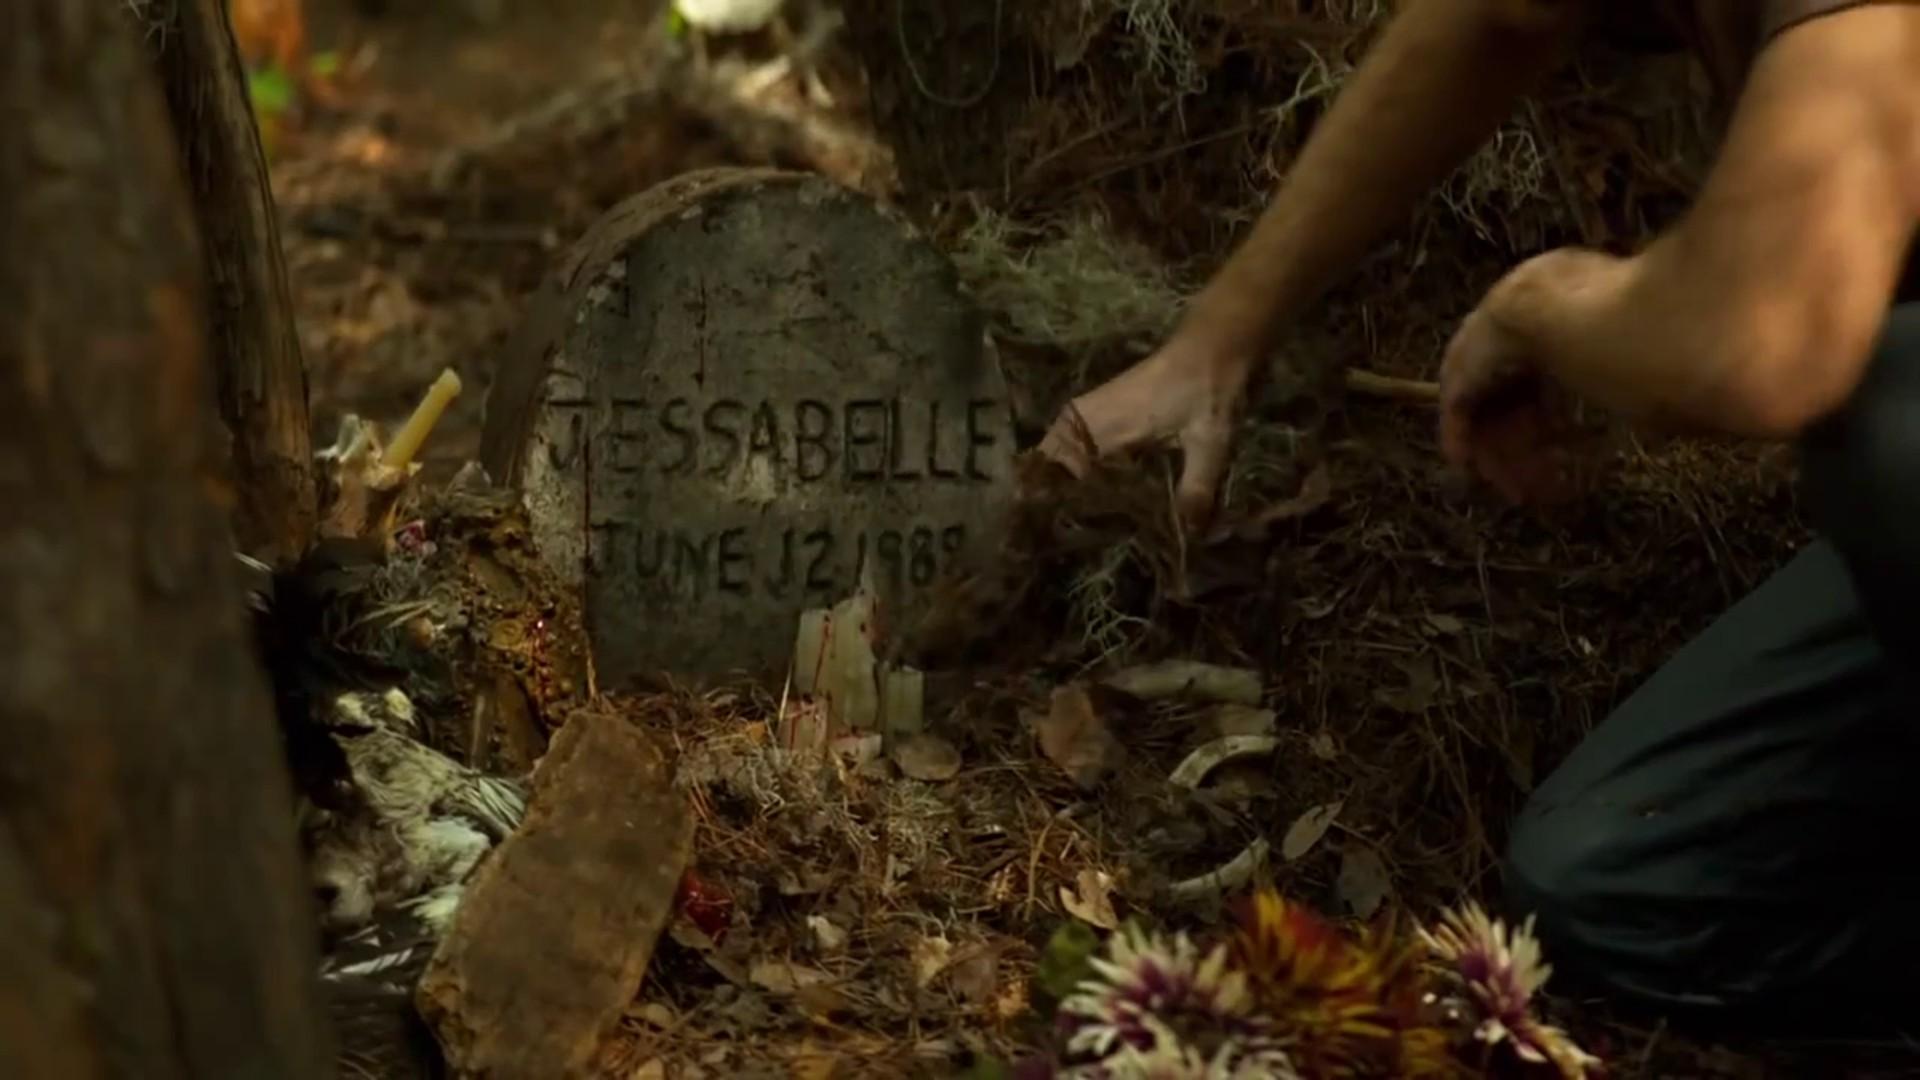 Αποτέλεσμα εικόνας για Jessabelle (2014)